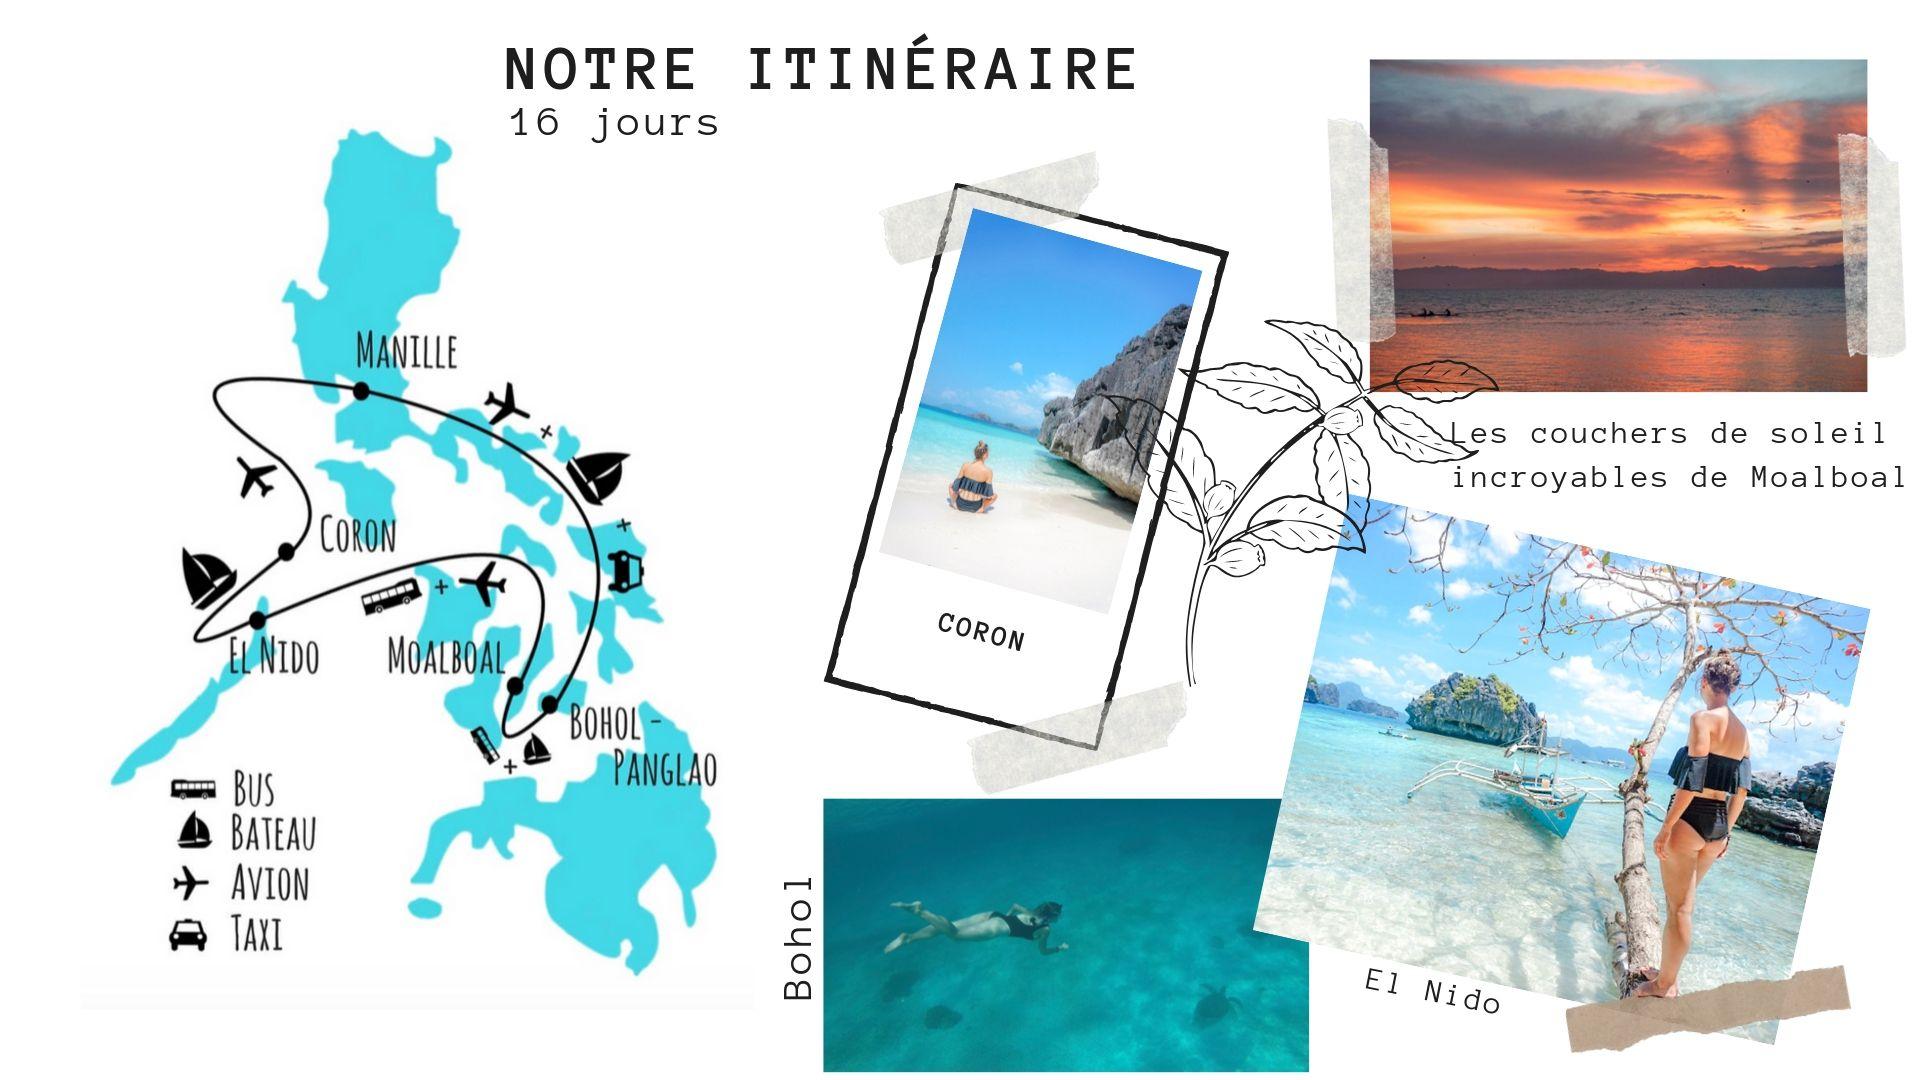 itinéraire voyage aux philippines 2 semaines idée conseil